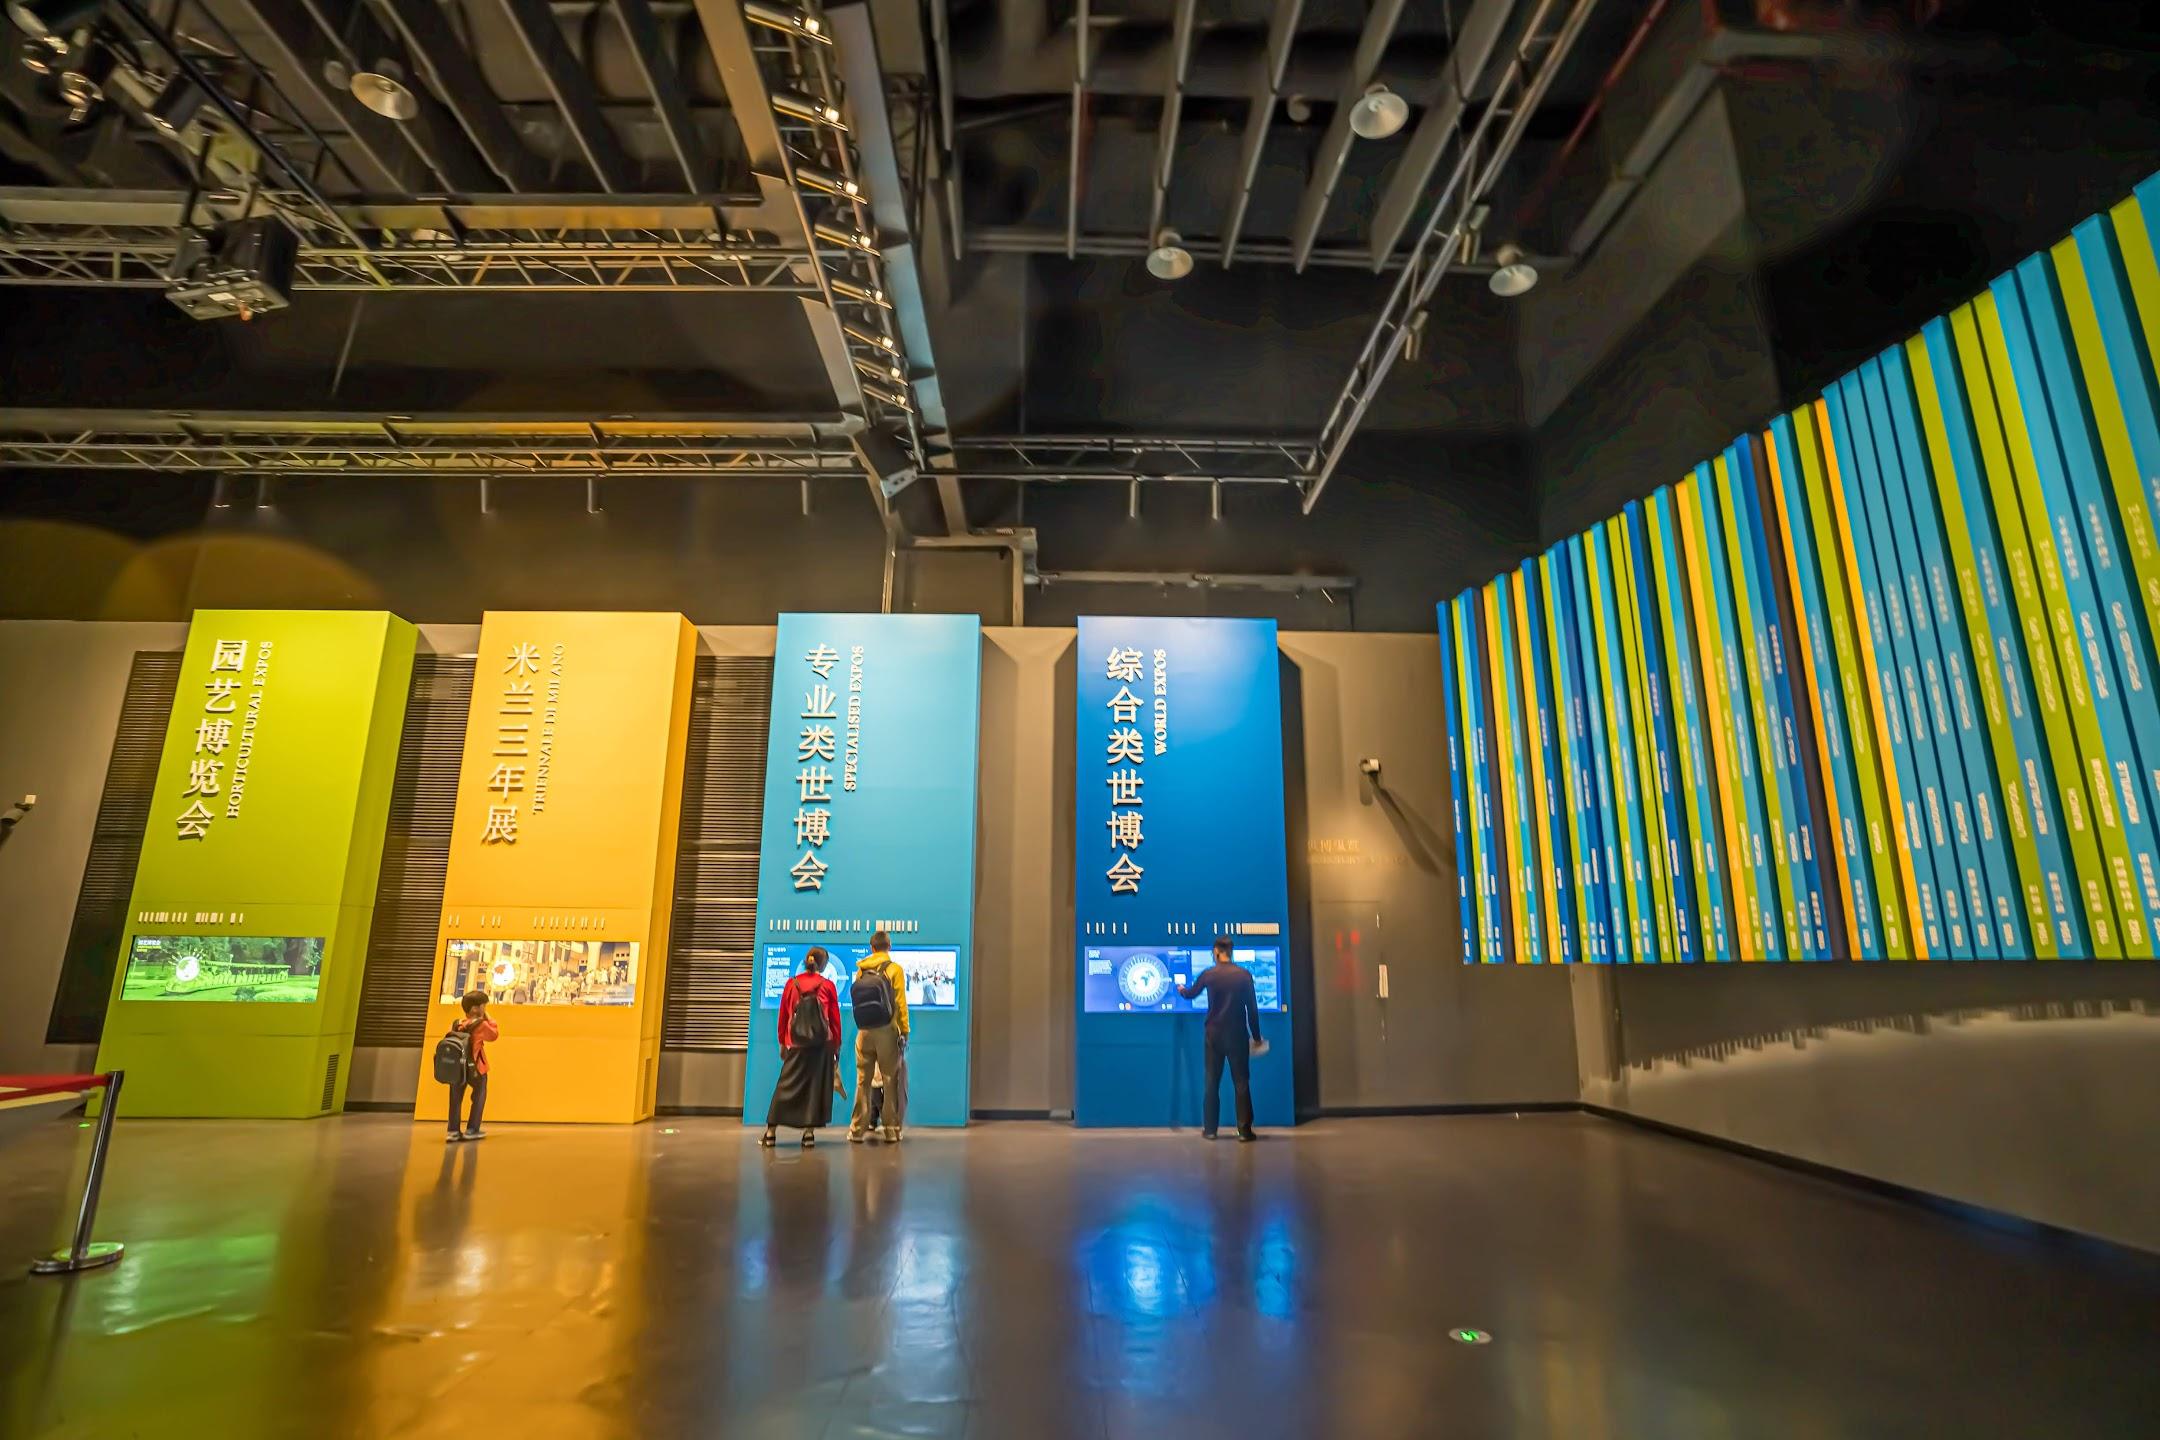 上海 世博会博物館 (World Expo Museum)1